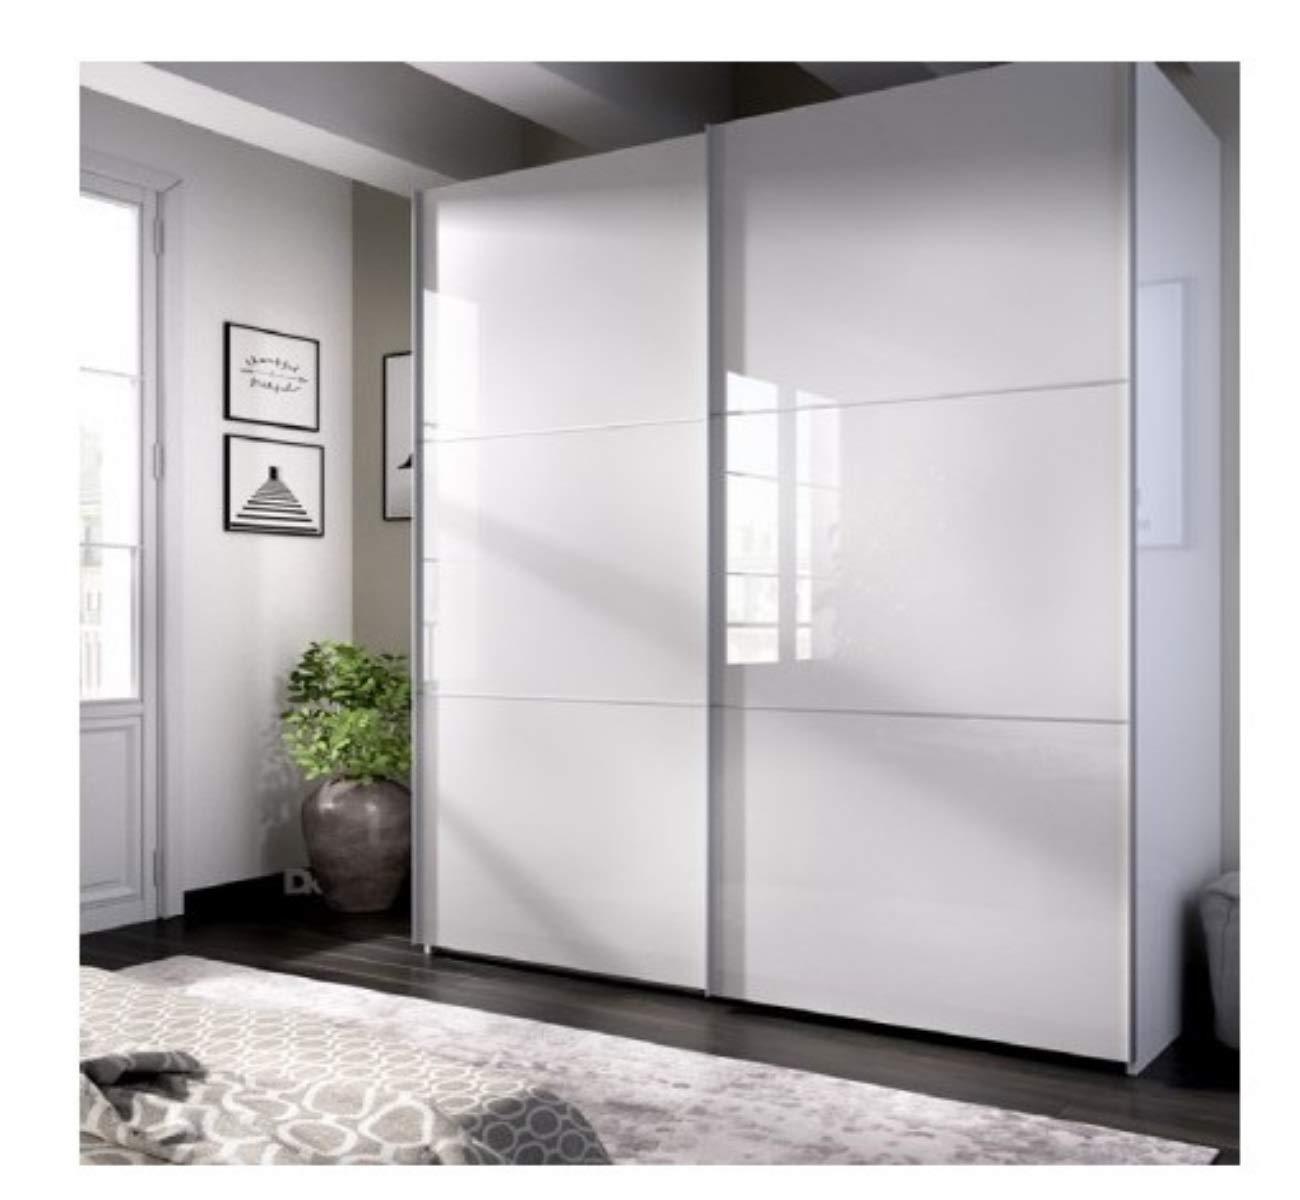 DECOR NATUR-Armario DE Puertas CORREDERAS Modelo Slide Color Blanco Brillo-Medidas: Ancho: 180 cm Alto: 204 cm Fondo: 65 cm: Amazon.es: Hogar